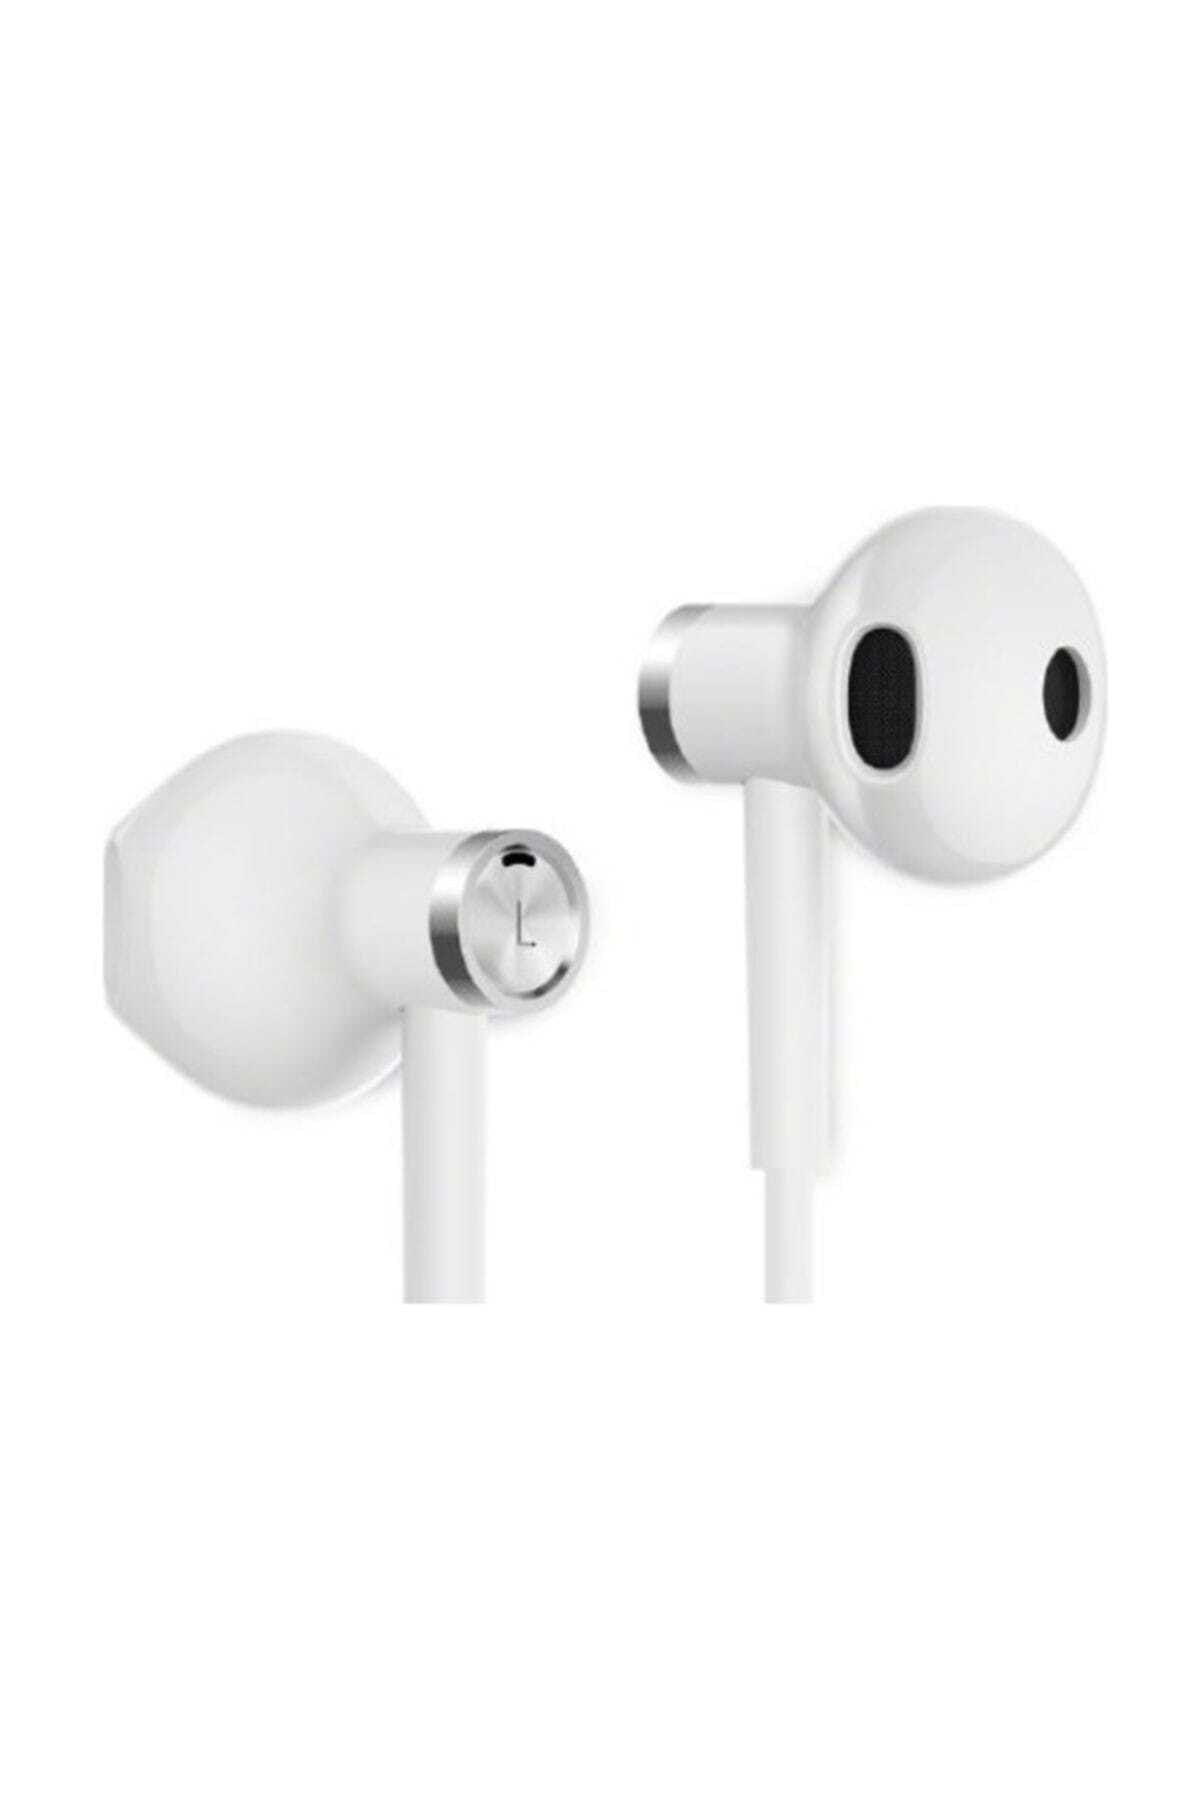 Telefon Aksesuarları Mi Dual Driver Kulaklık -kulak Içi Kablolu Kulaklık  New 2018 Beyaz Fiyatı, Yorumları - TRENDYOL